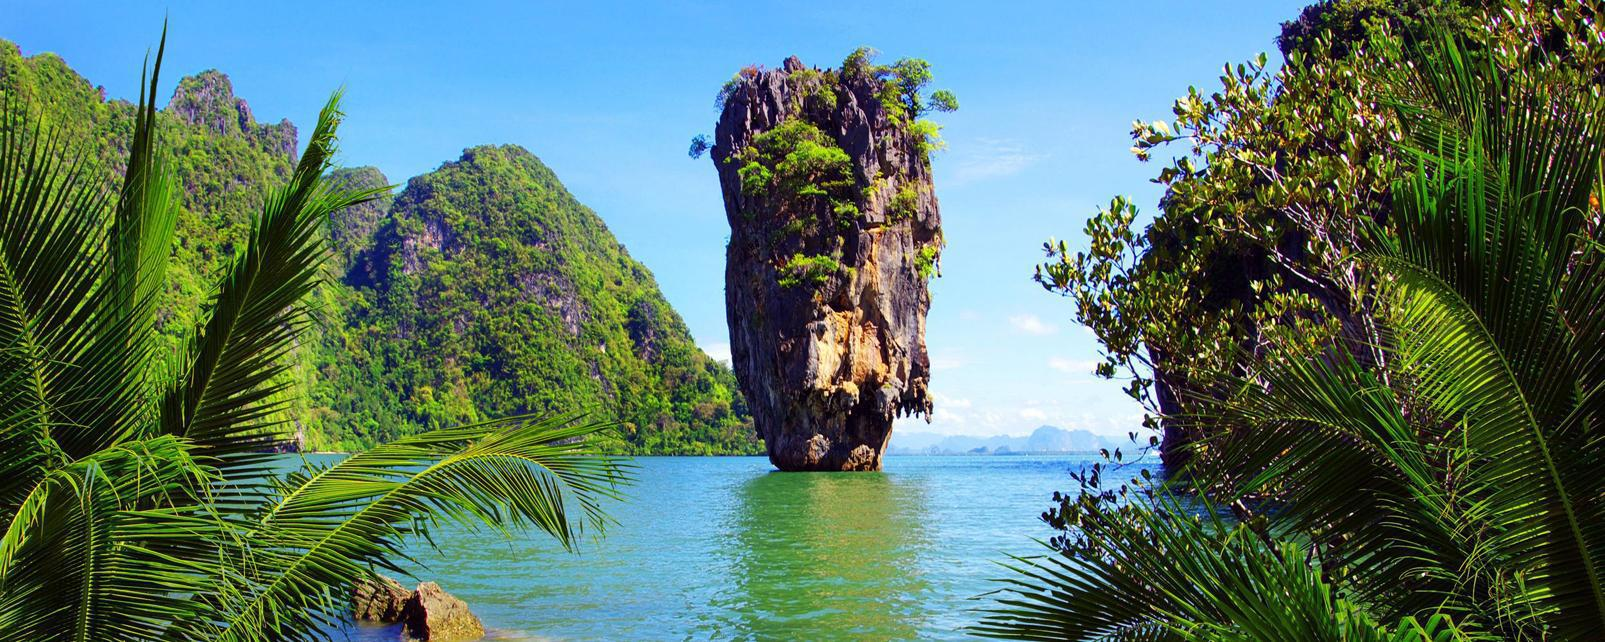 Circuits famille thailande pour un voyage découverte